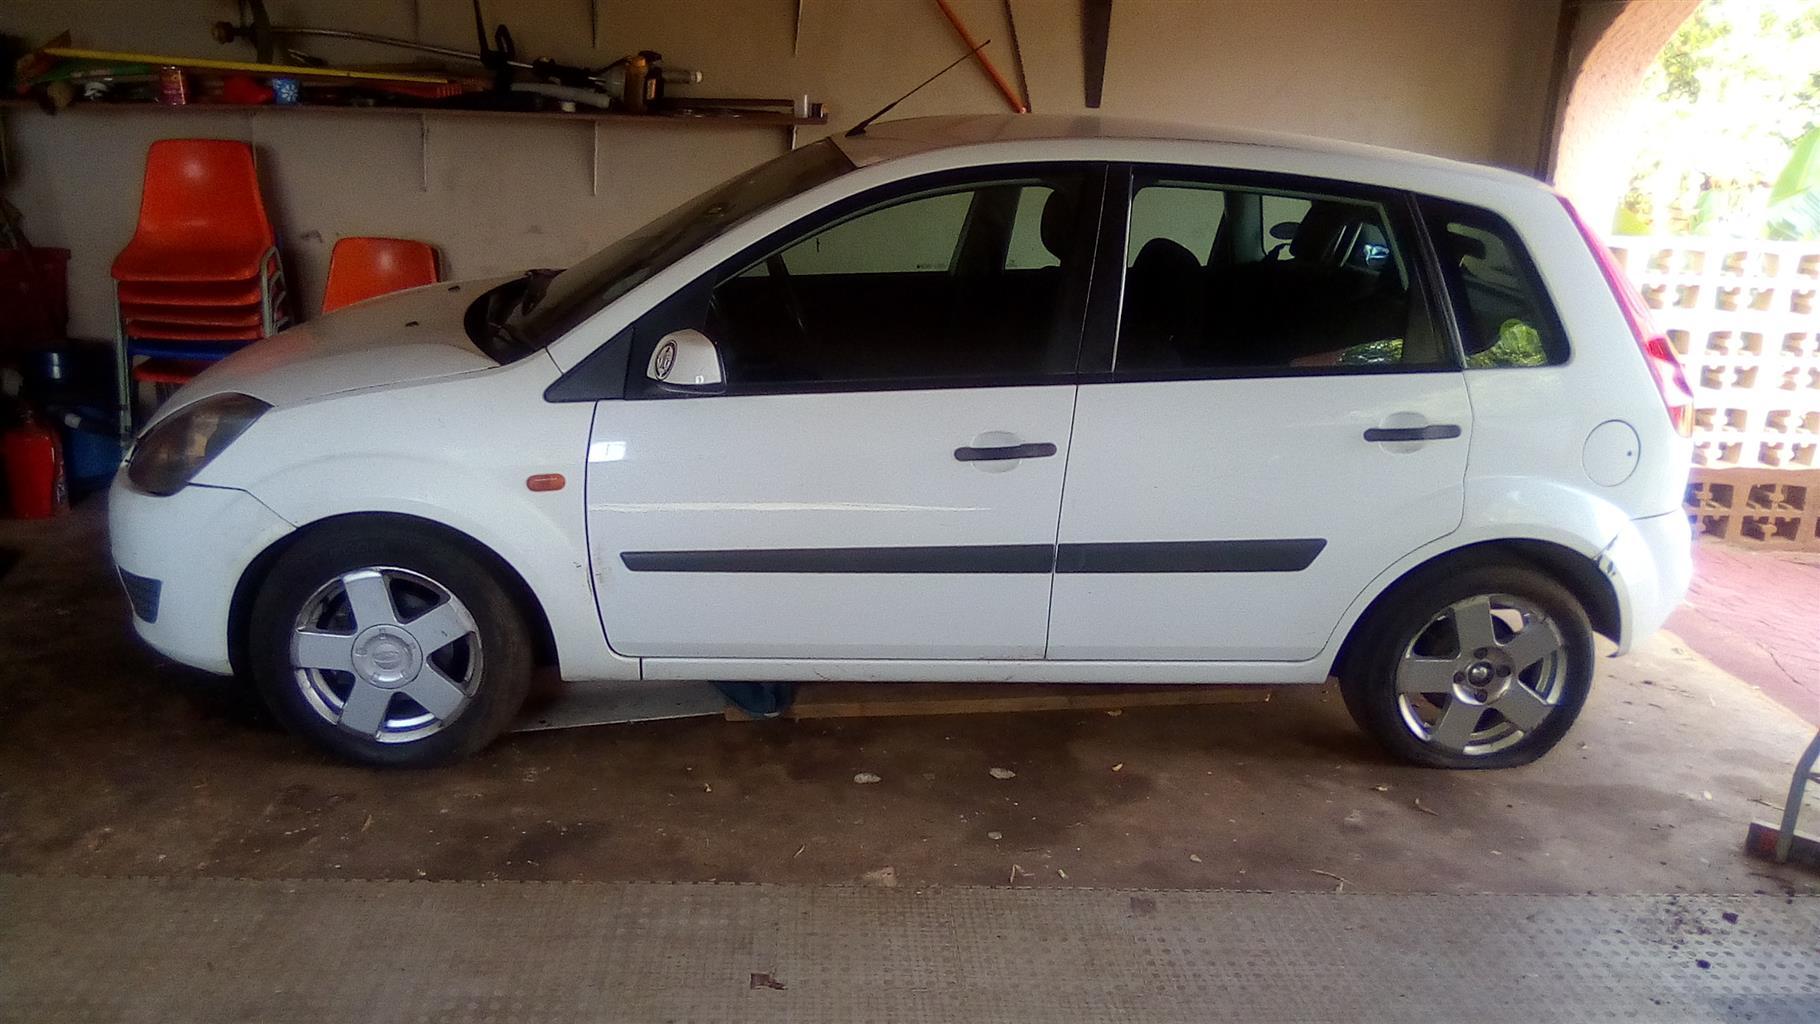 2007 Ford Fiesta 5 door 1.6TDCi Ambiente (aircon+audio)